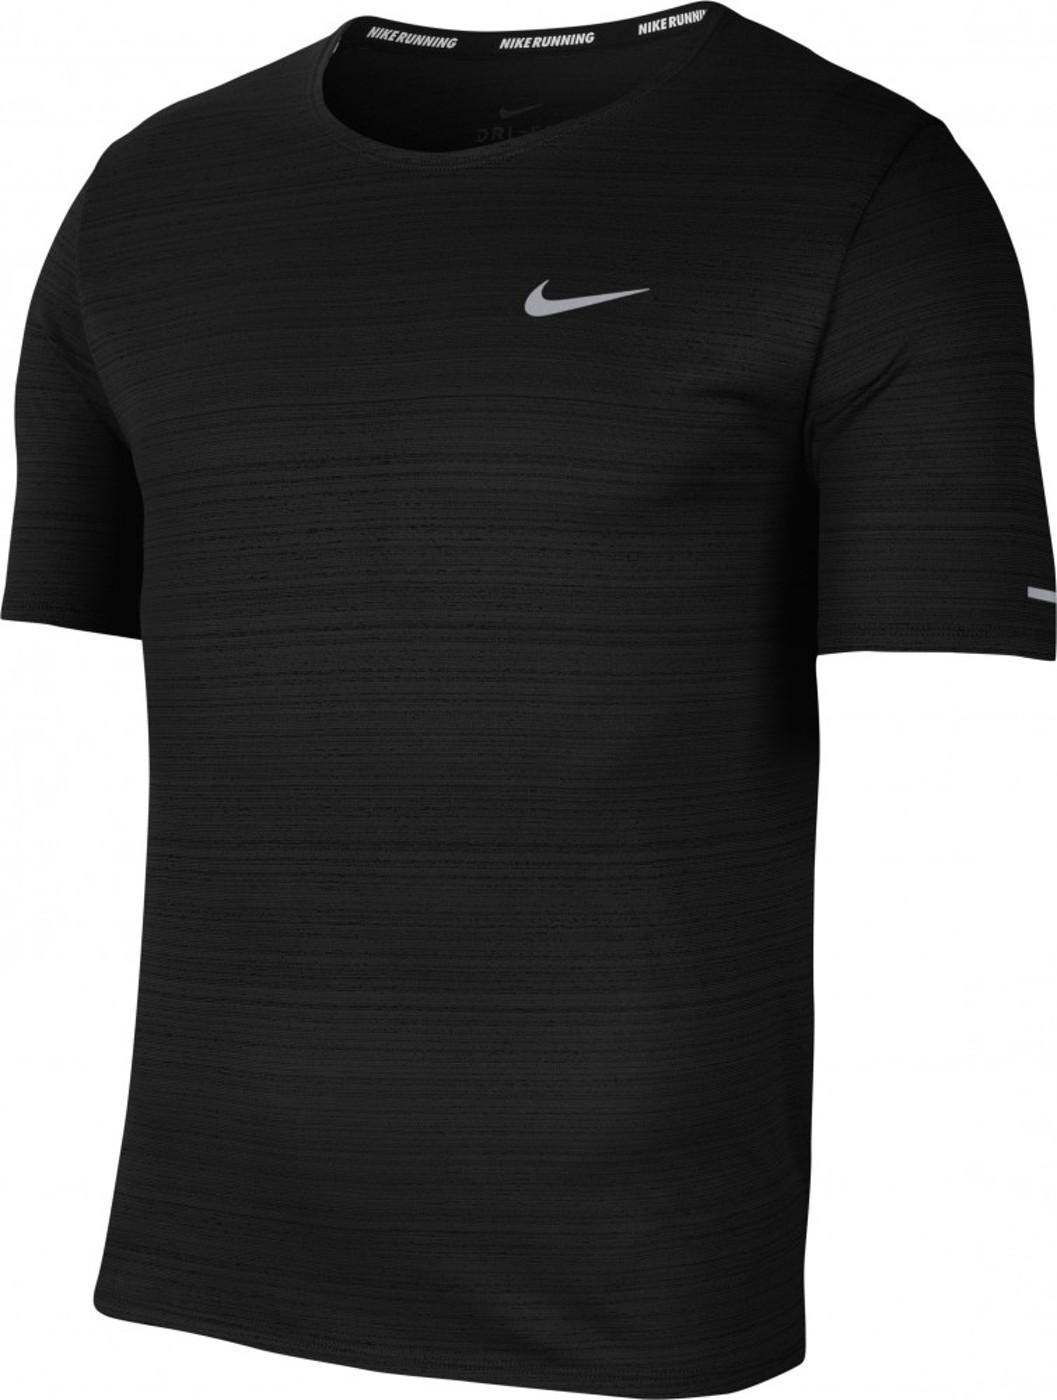 Nike Dri-FIT Miler Runni - Herren